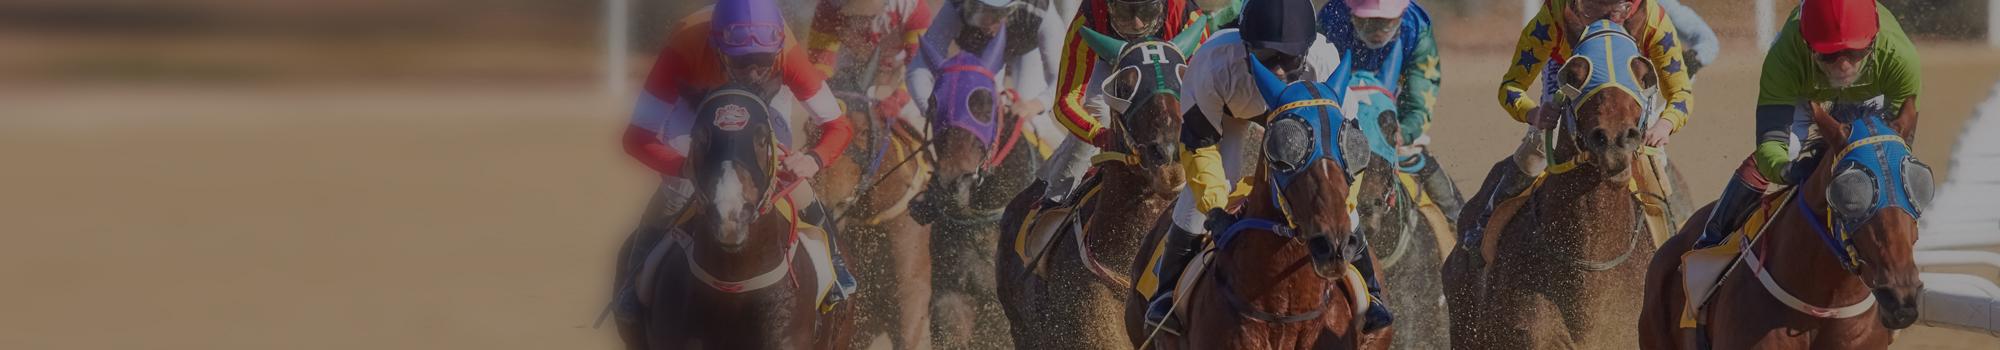 Horseracing photo